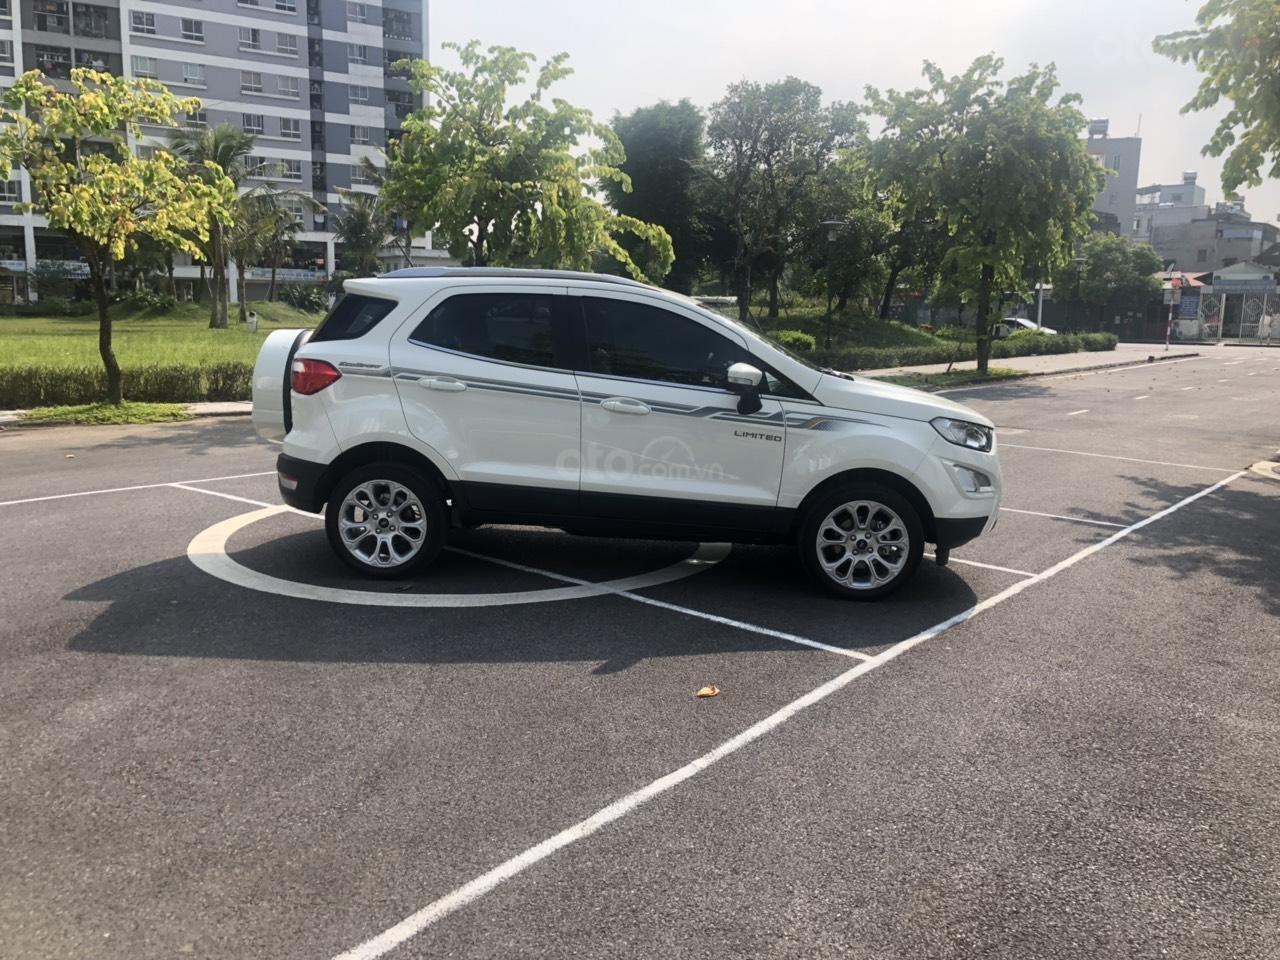 Bán xe Ford Ecosport Titanium 1.5L AT 2019, xe giao ngay, hỗ trợ các thủ tục, hỗ trợ trả góp 80% (4)